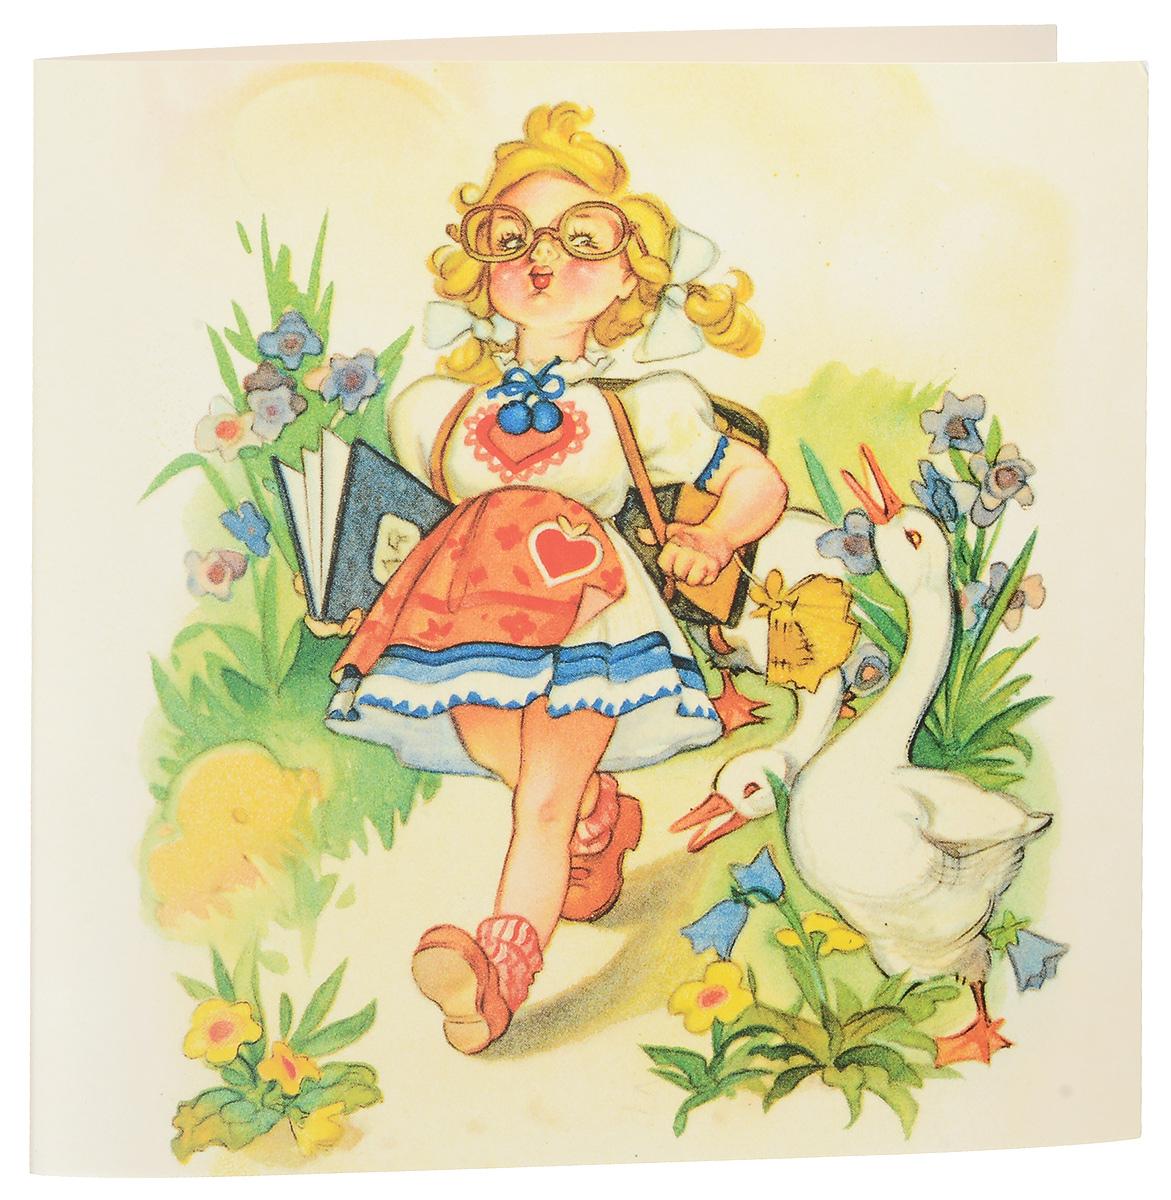 Открытка поздравительная Darinchi № 33, формат А5. Авторская работаА5_33Замечательная поздравительная открытка.